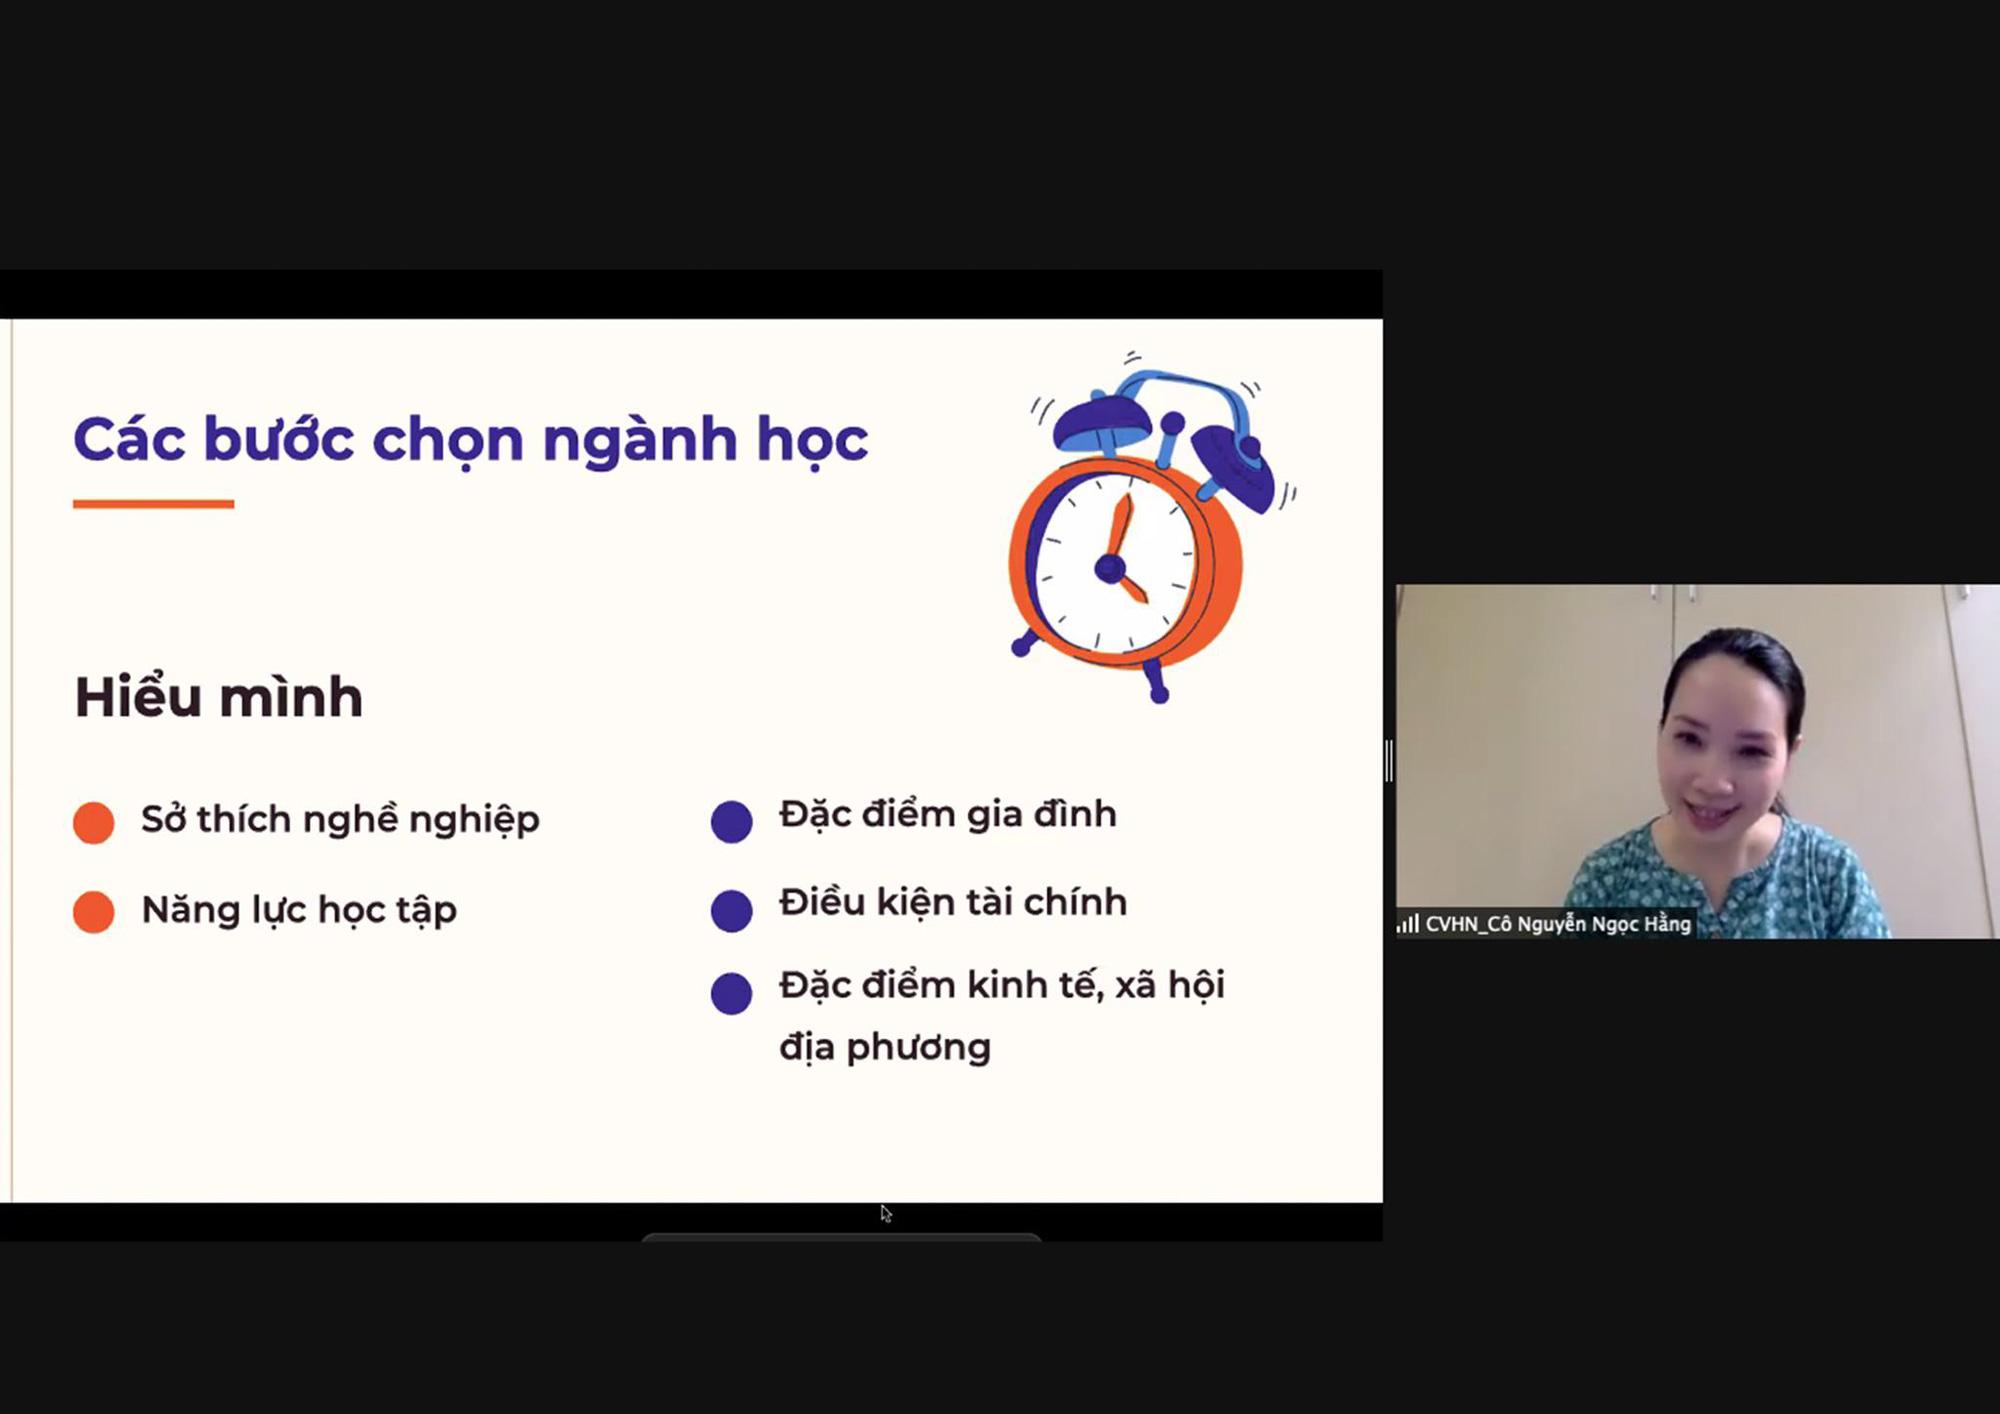 Định hướng nghề nghiệp cho học sinh THPT thành phố Hải Phòng và tỉnh Nghệ An - Ảnh 2.